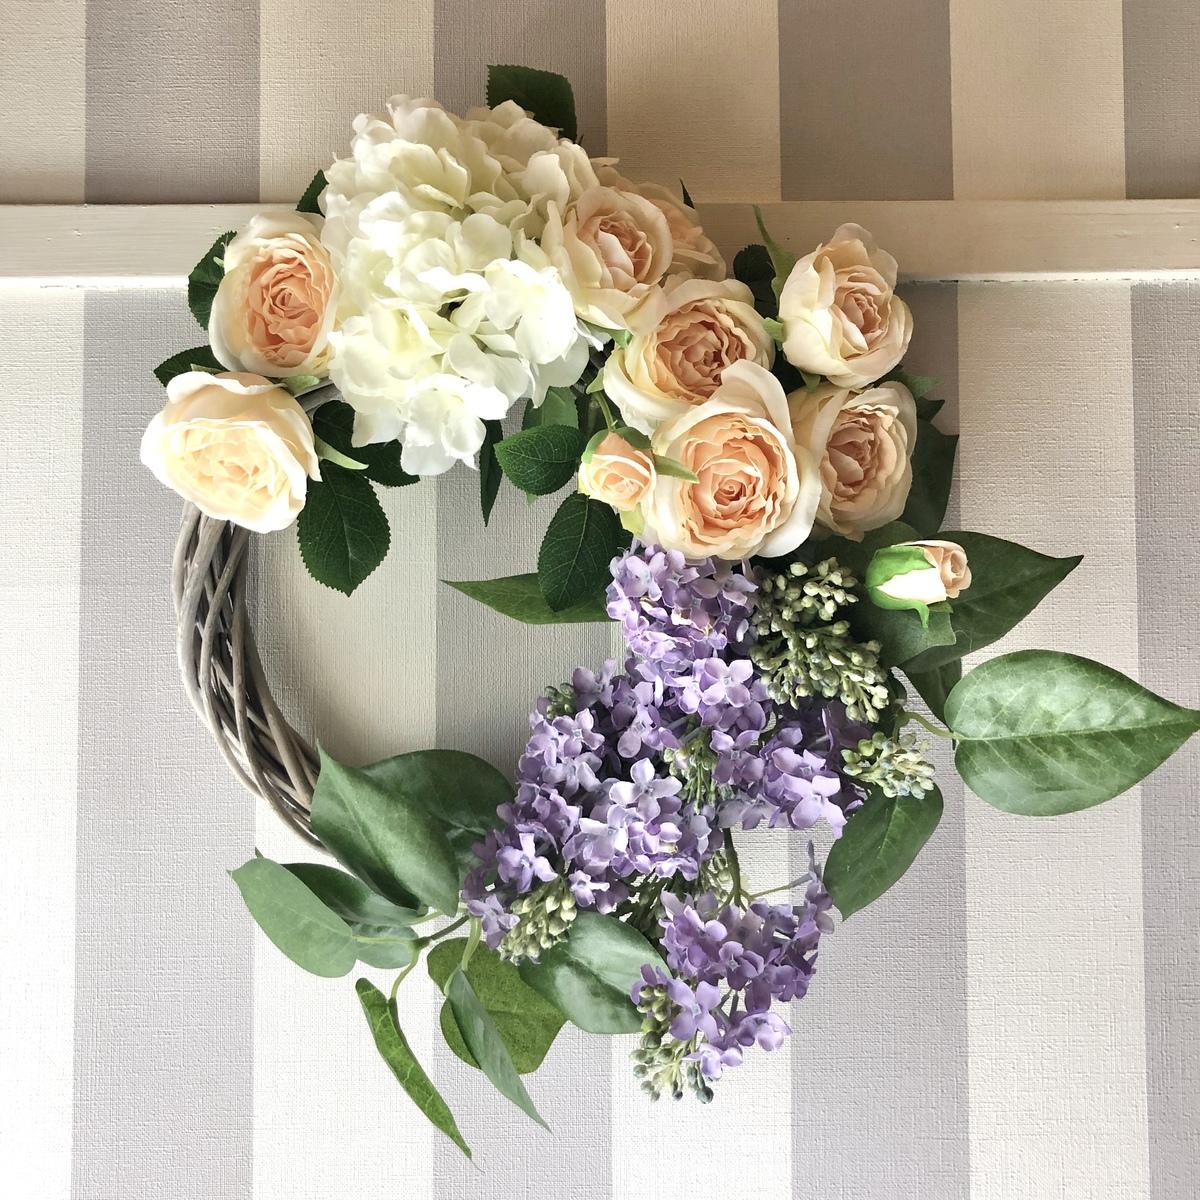 厳選した高品質のアーティフィシャルフラワーです リースは永遠を意味します ご結婚お祝いなどの贈り物にもオススメです 一点物の 海外 アーティフィシャルフラワー ライラックと薔薇のリース アレンジメントフラワー インテリア 造花 お花 リース ライラック 引っ越し祝い ギフト 内祝い 誕生日祝い 長さ38cm プレゼント 定番キャンバス 贈答 出産祝い 贈り物 薔薇 人気 開店祝い